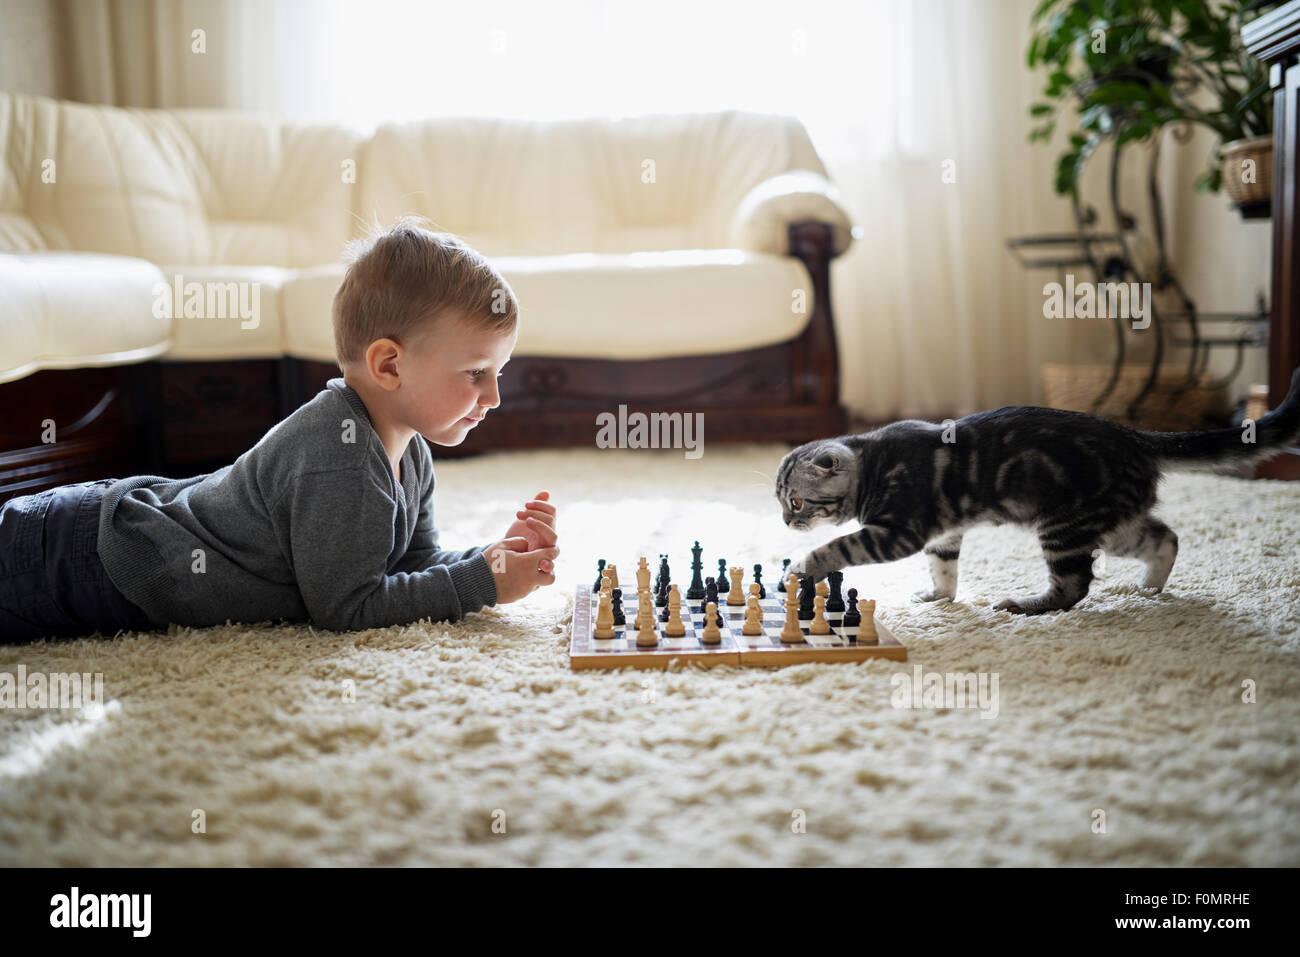 Petit garçon joue aux échecs lying on floor Photo Stock